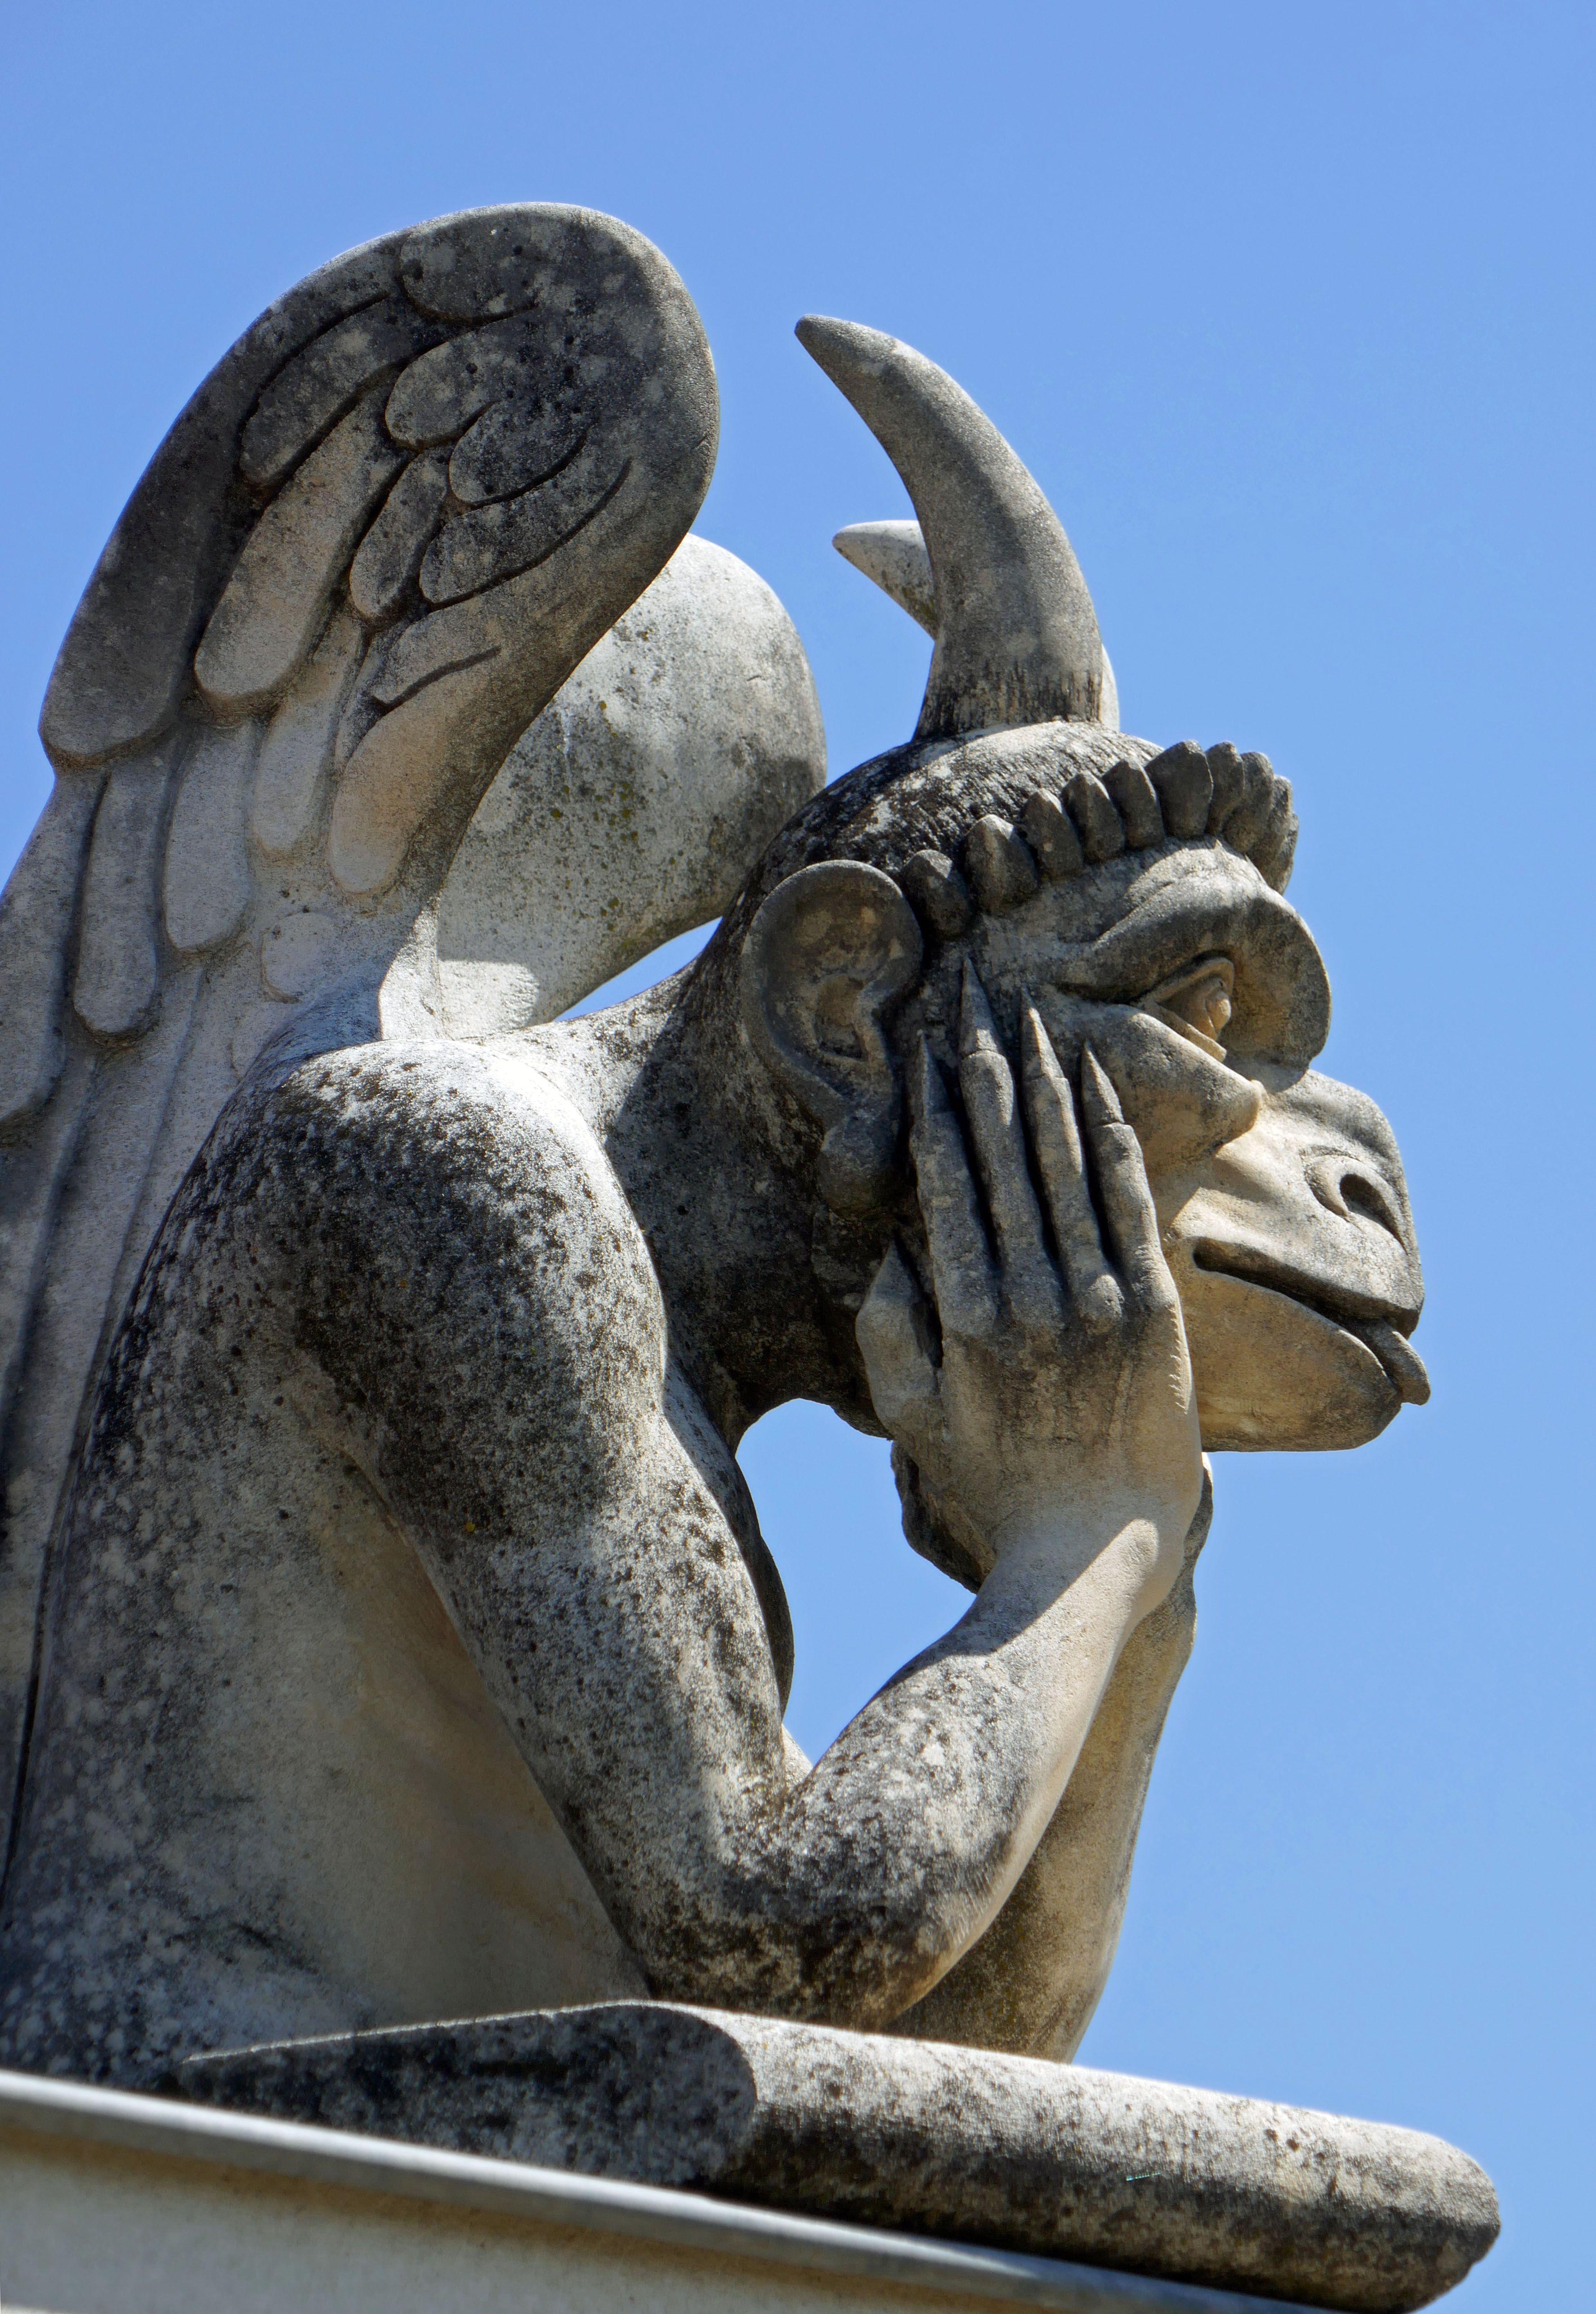 Alain Bidal il est venu le temps des cathédrales. belle gargouille sculptées